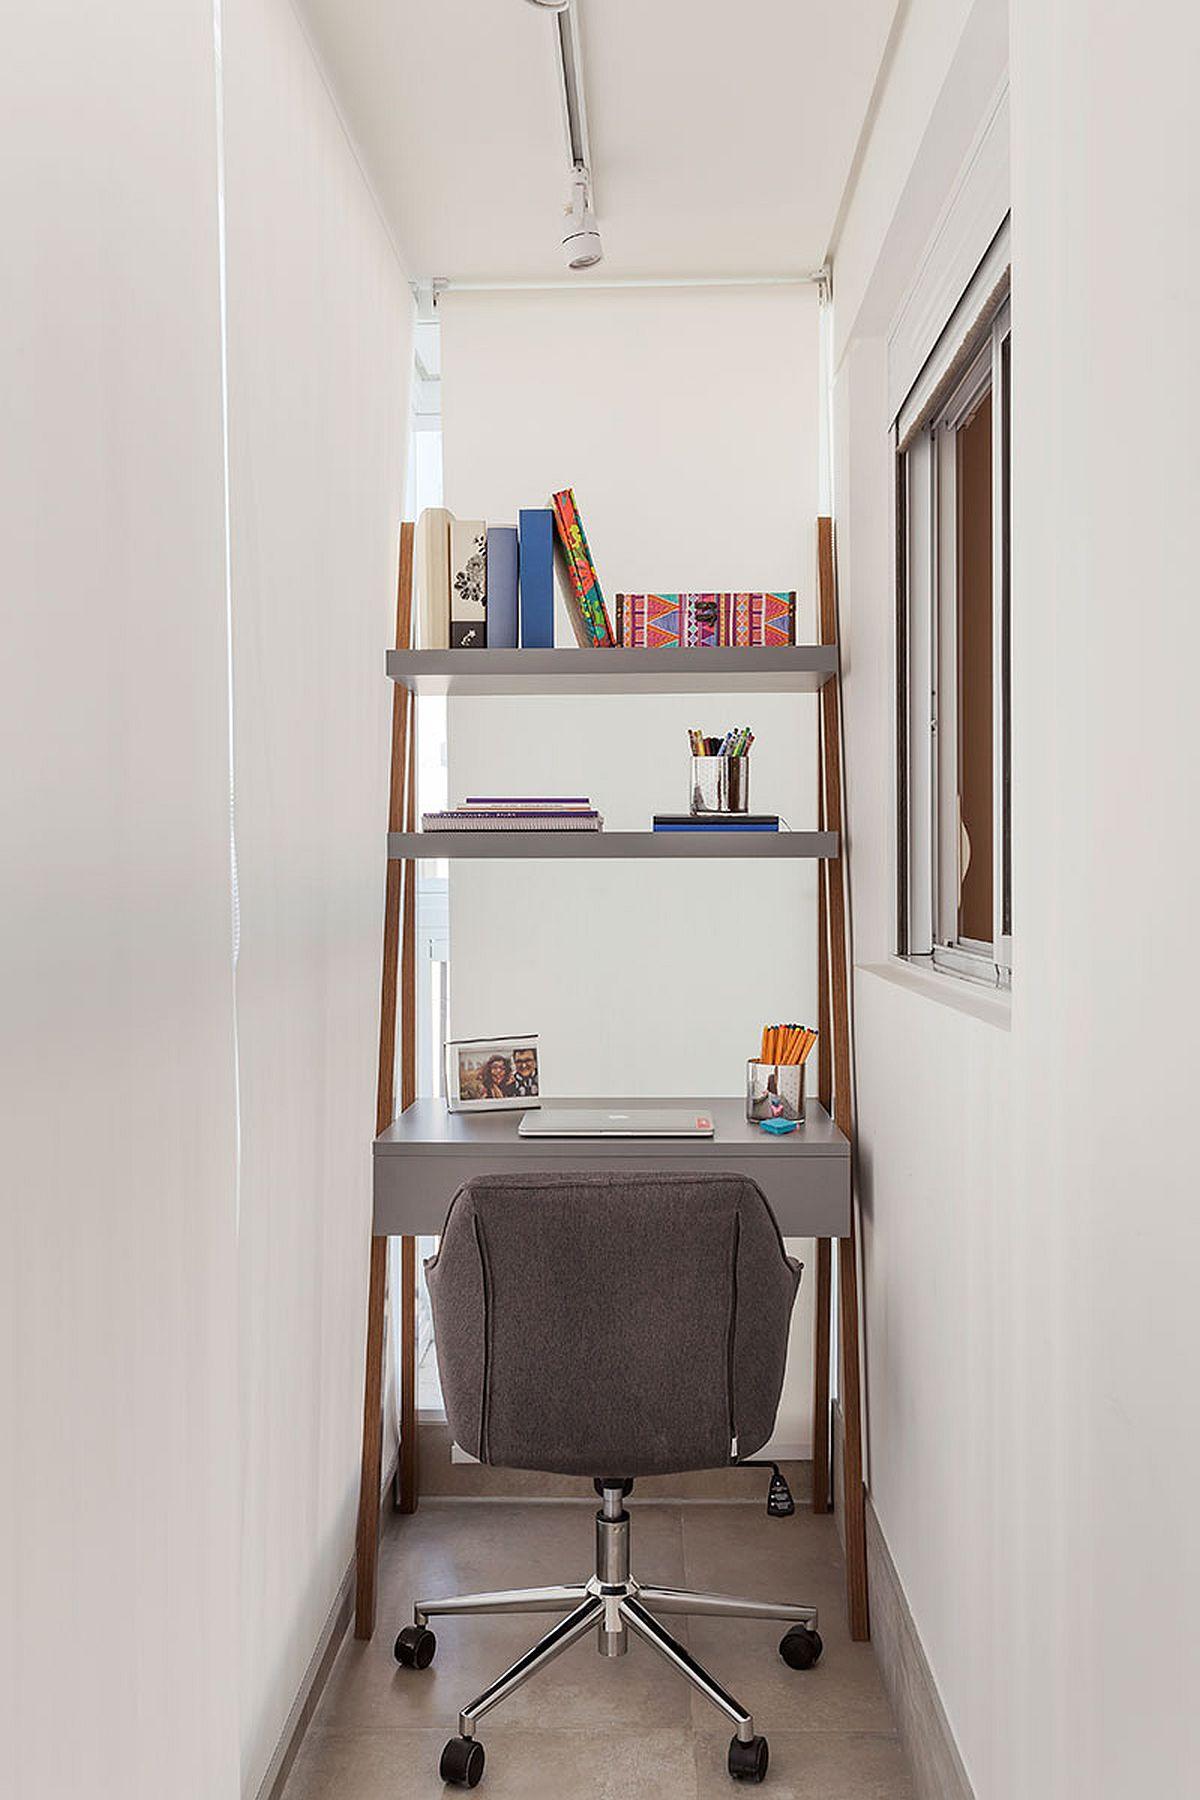 Locul de birou a fost mobilat cu o piesă realizată dintr-o mobilă veche și adaptată aici în spațiul mic. Fereastra mică din imagine a fost inițial a bucătăriei, acum fiind prezentă în spațiul dormitorului.